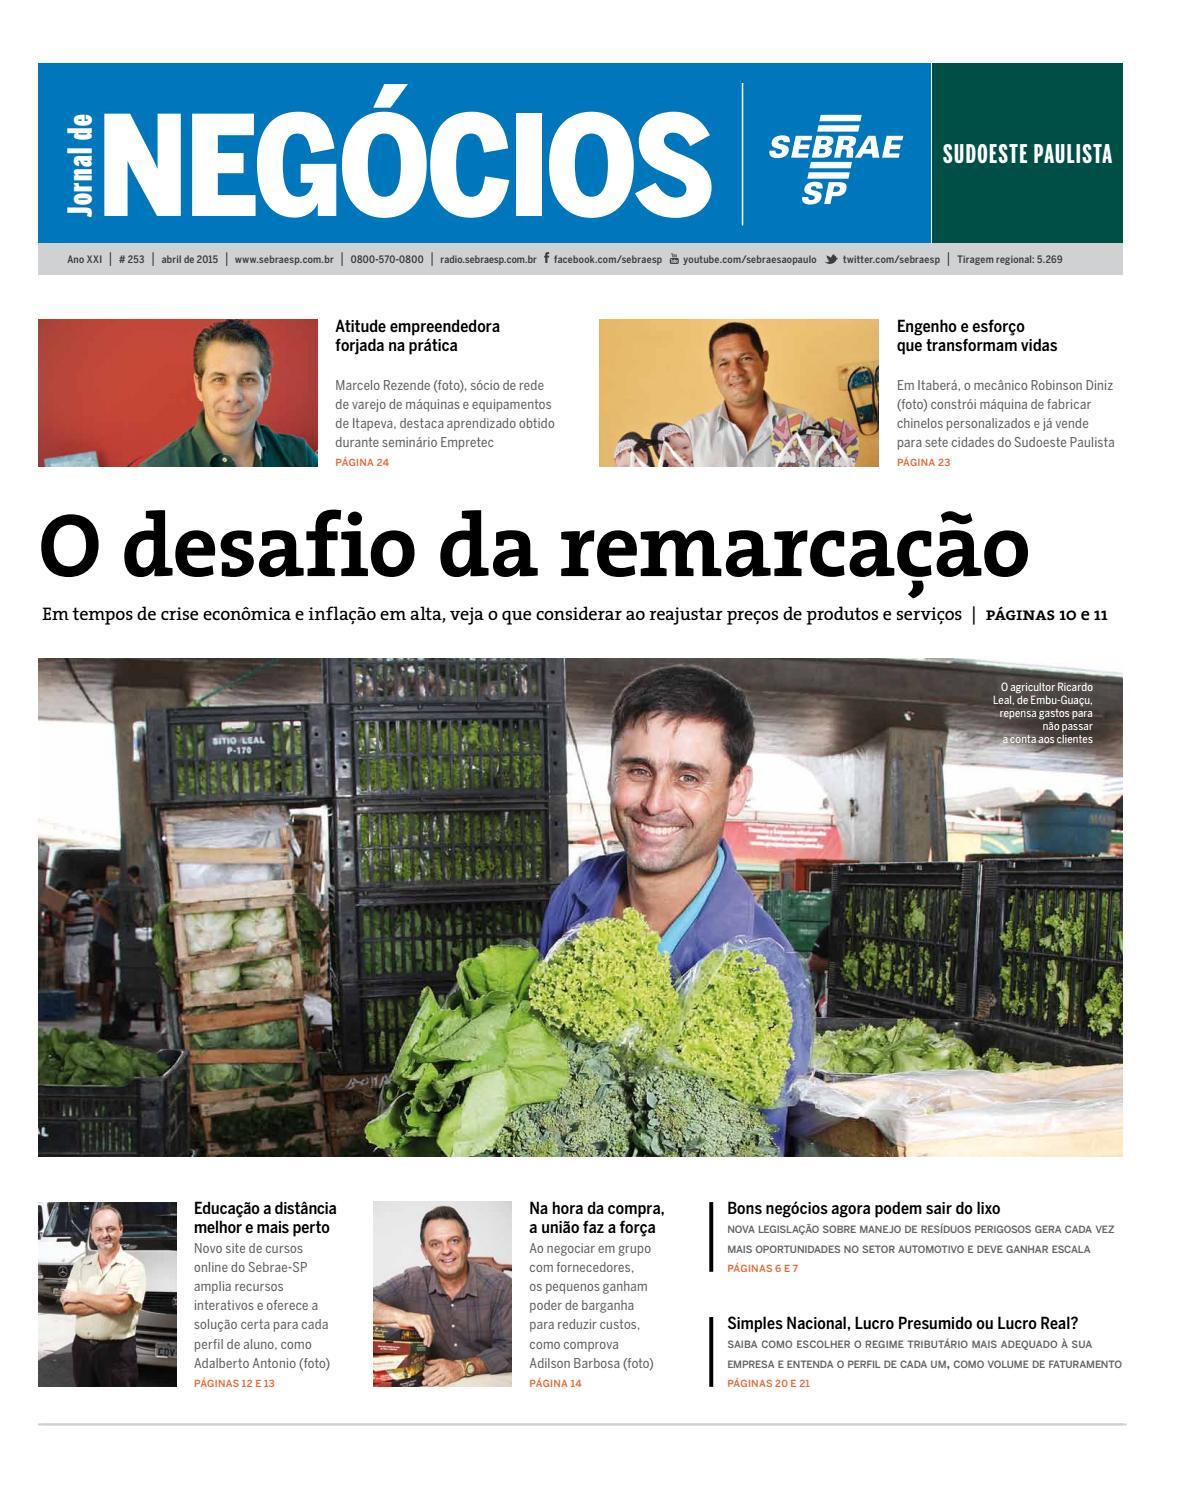 e275732ee0c46 Jornal de Negócios Sebrae-SP - 01 de Janeiro de 2015 - Sudoeste Paulista e  Região by Sebrae-SP - issuu